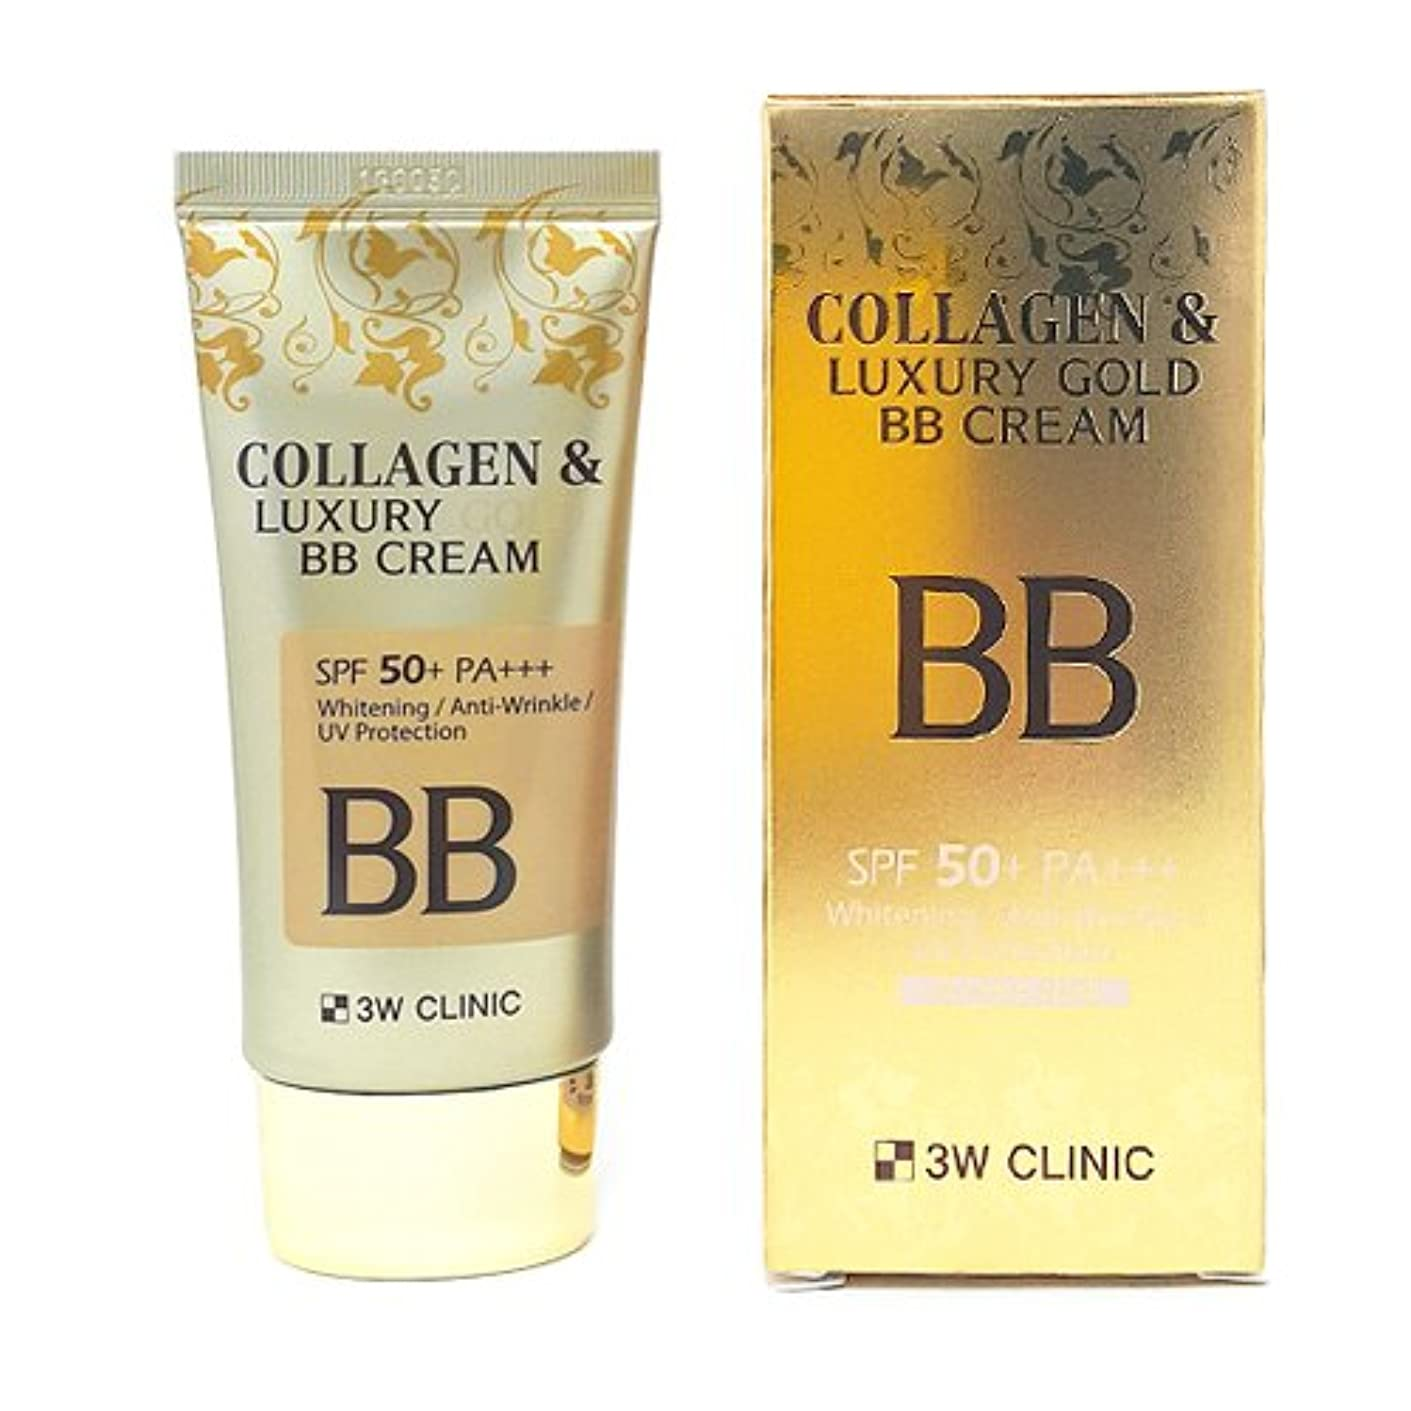 ベースなめらかな慈悲3Wクリニック[韓国コスメ3w Clinic]Collagen & Luxury Gold BB Cream コラーゲンラグジュアリーゴールド BBクリーム50ml 50+/PA+++[並行輸入品]